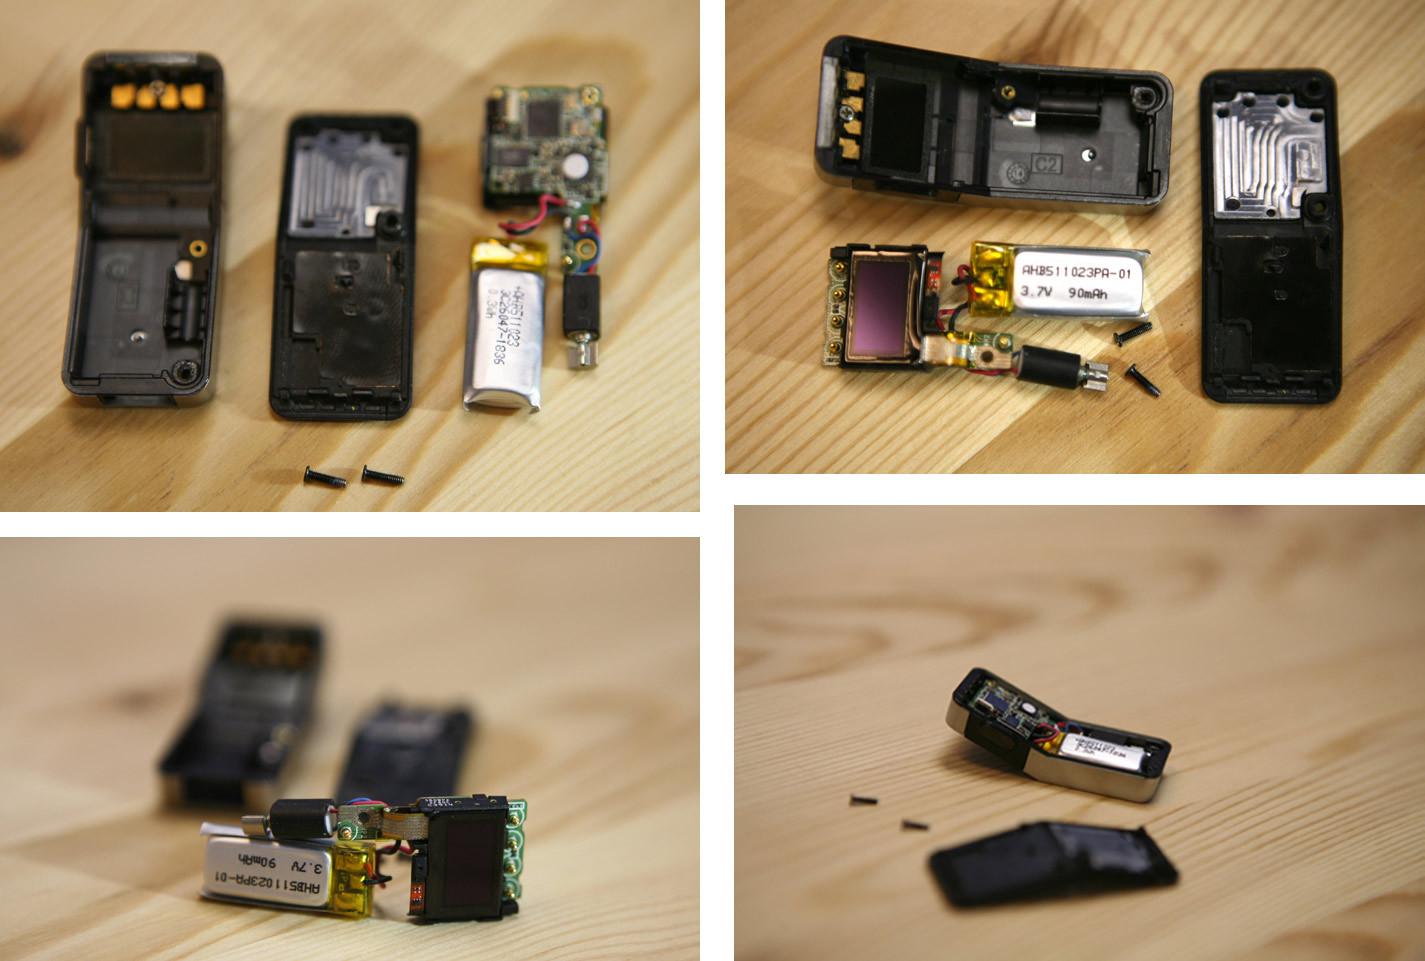 Wme2 — на что способен браслет от авторов первого iPhone: ЭКГ, давление и пульс из двух пальцев - 26